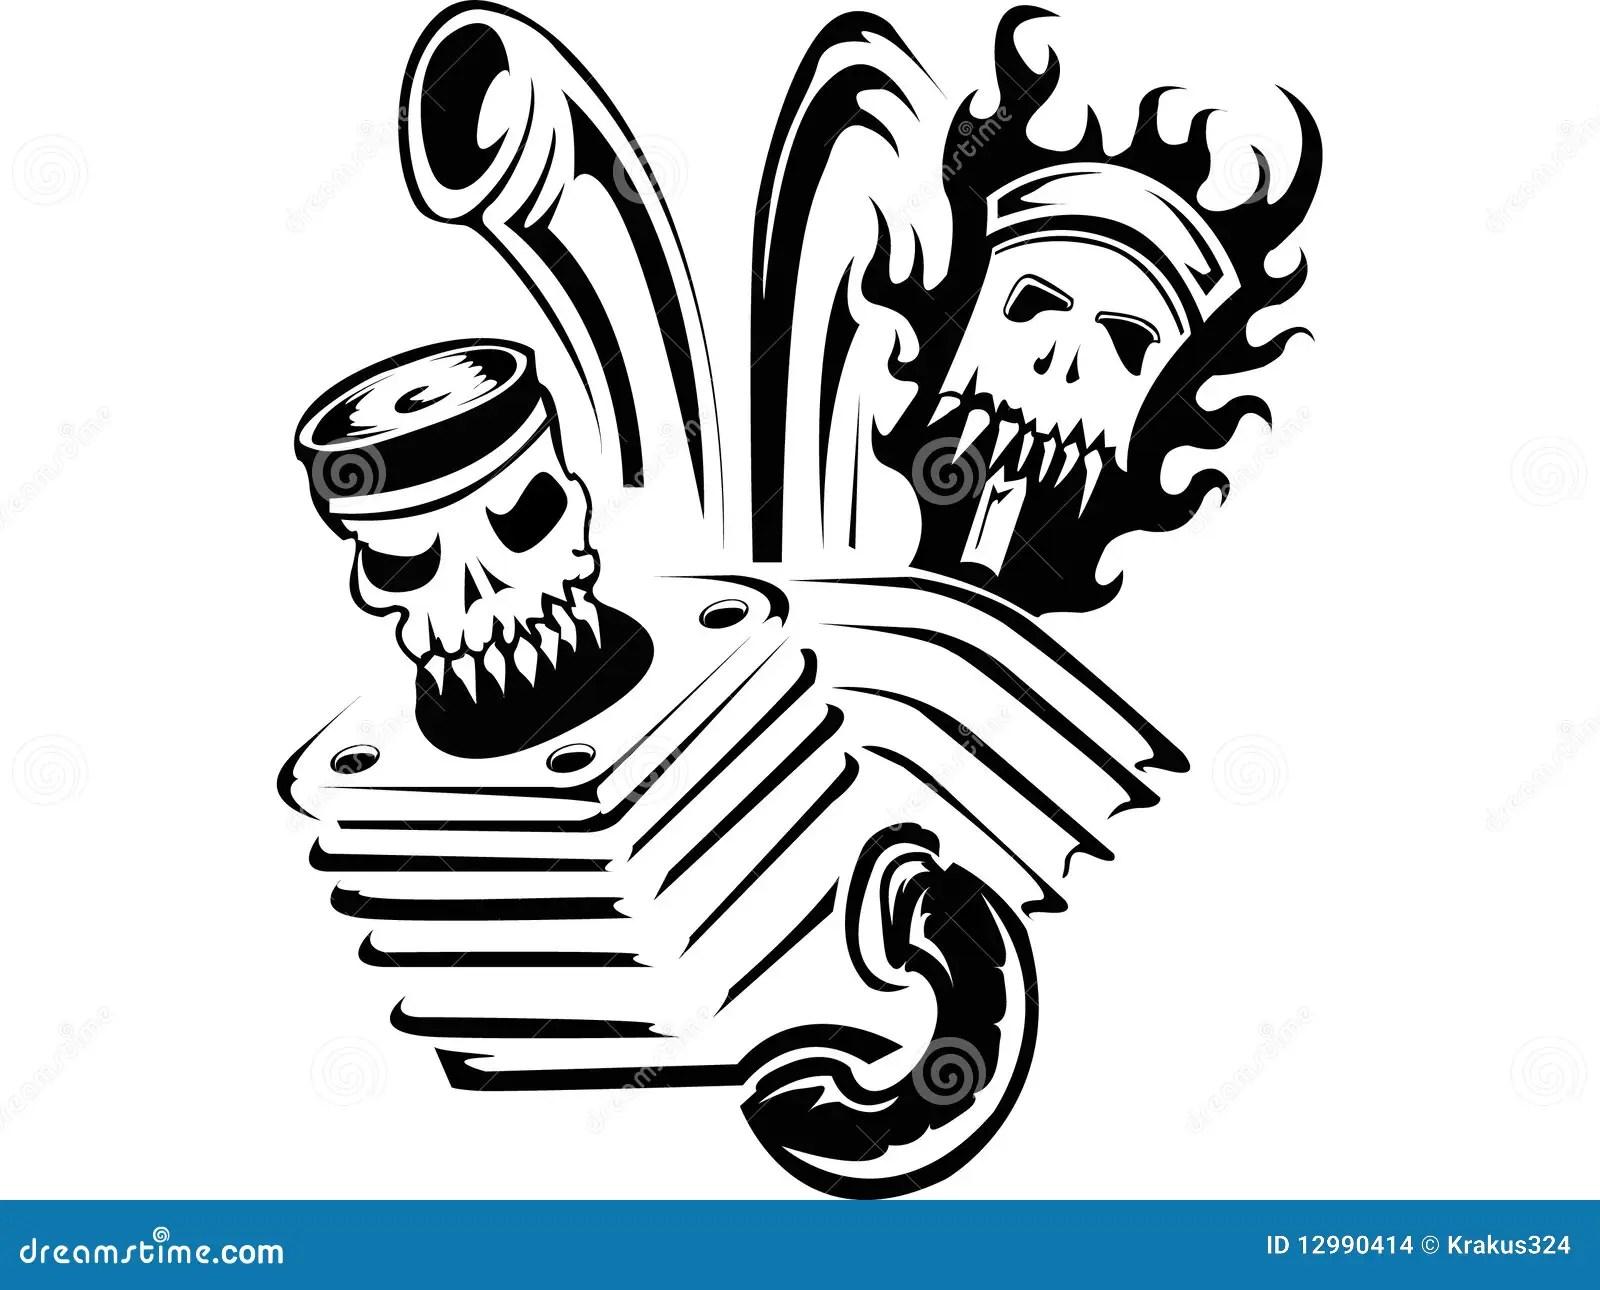 Tattoo Infernal Motor Stock Vector Illustration Of Clip